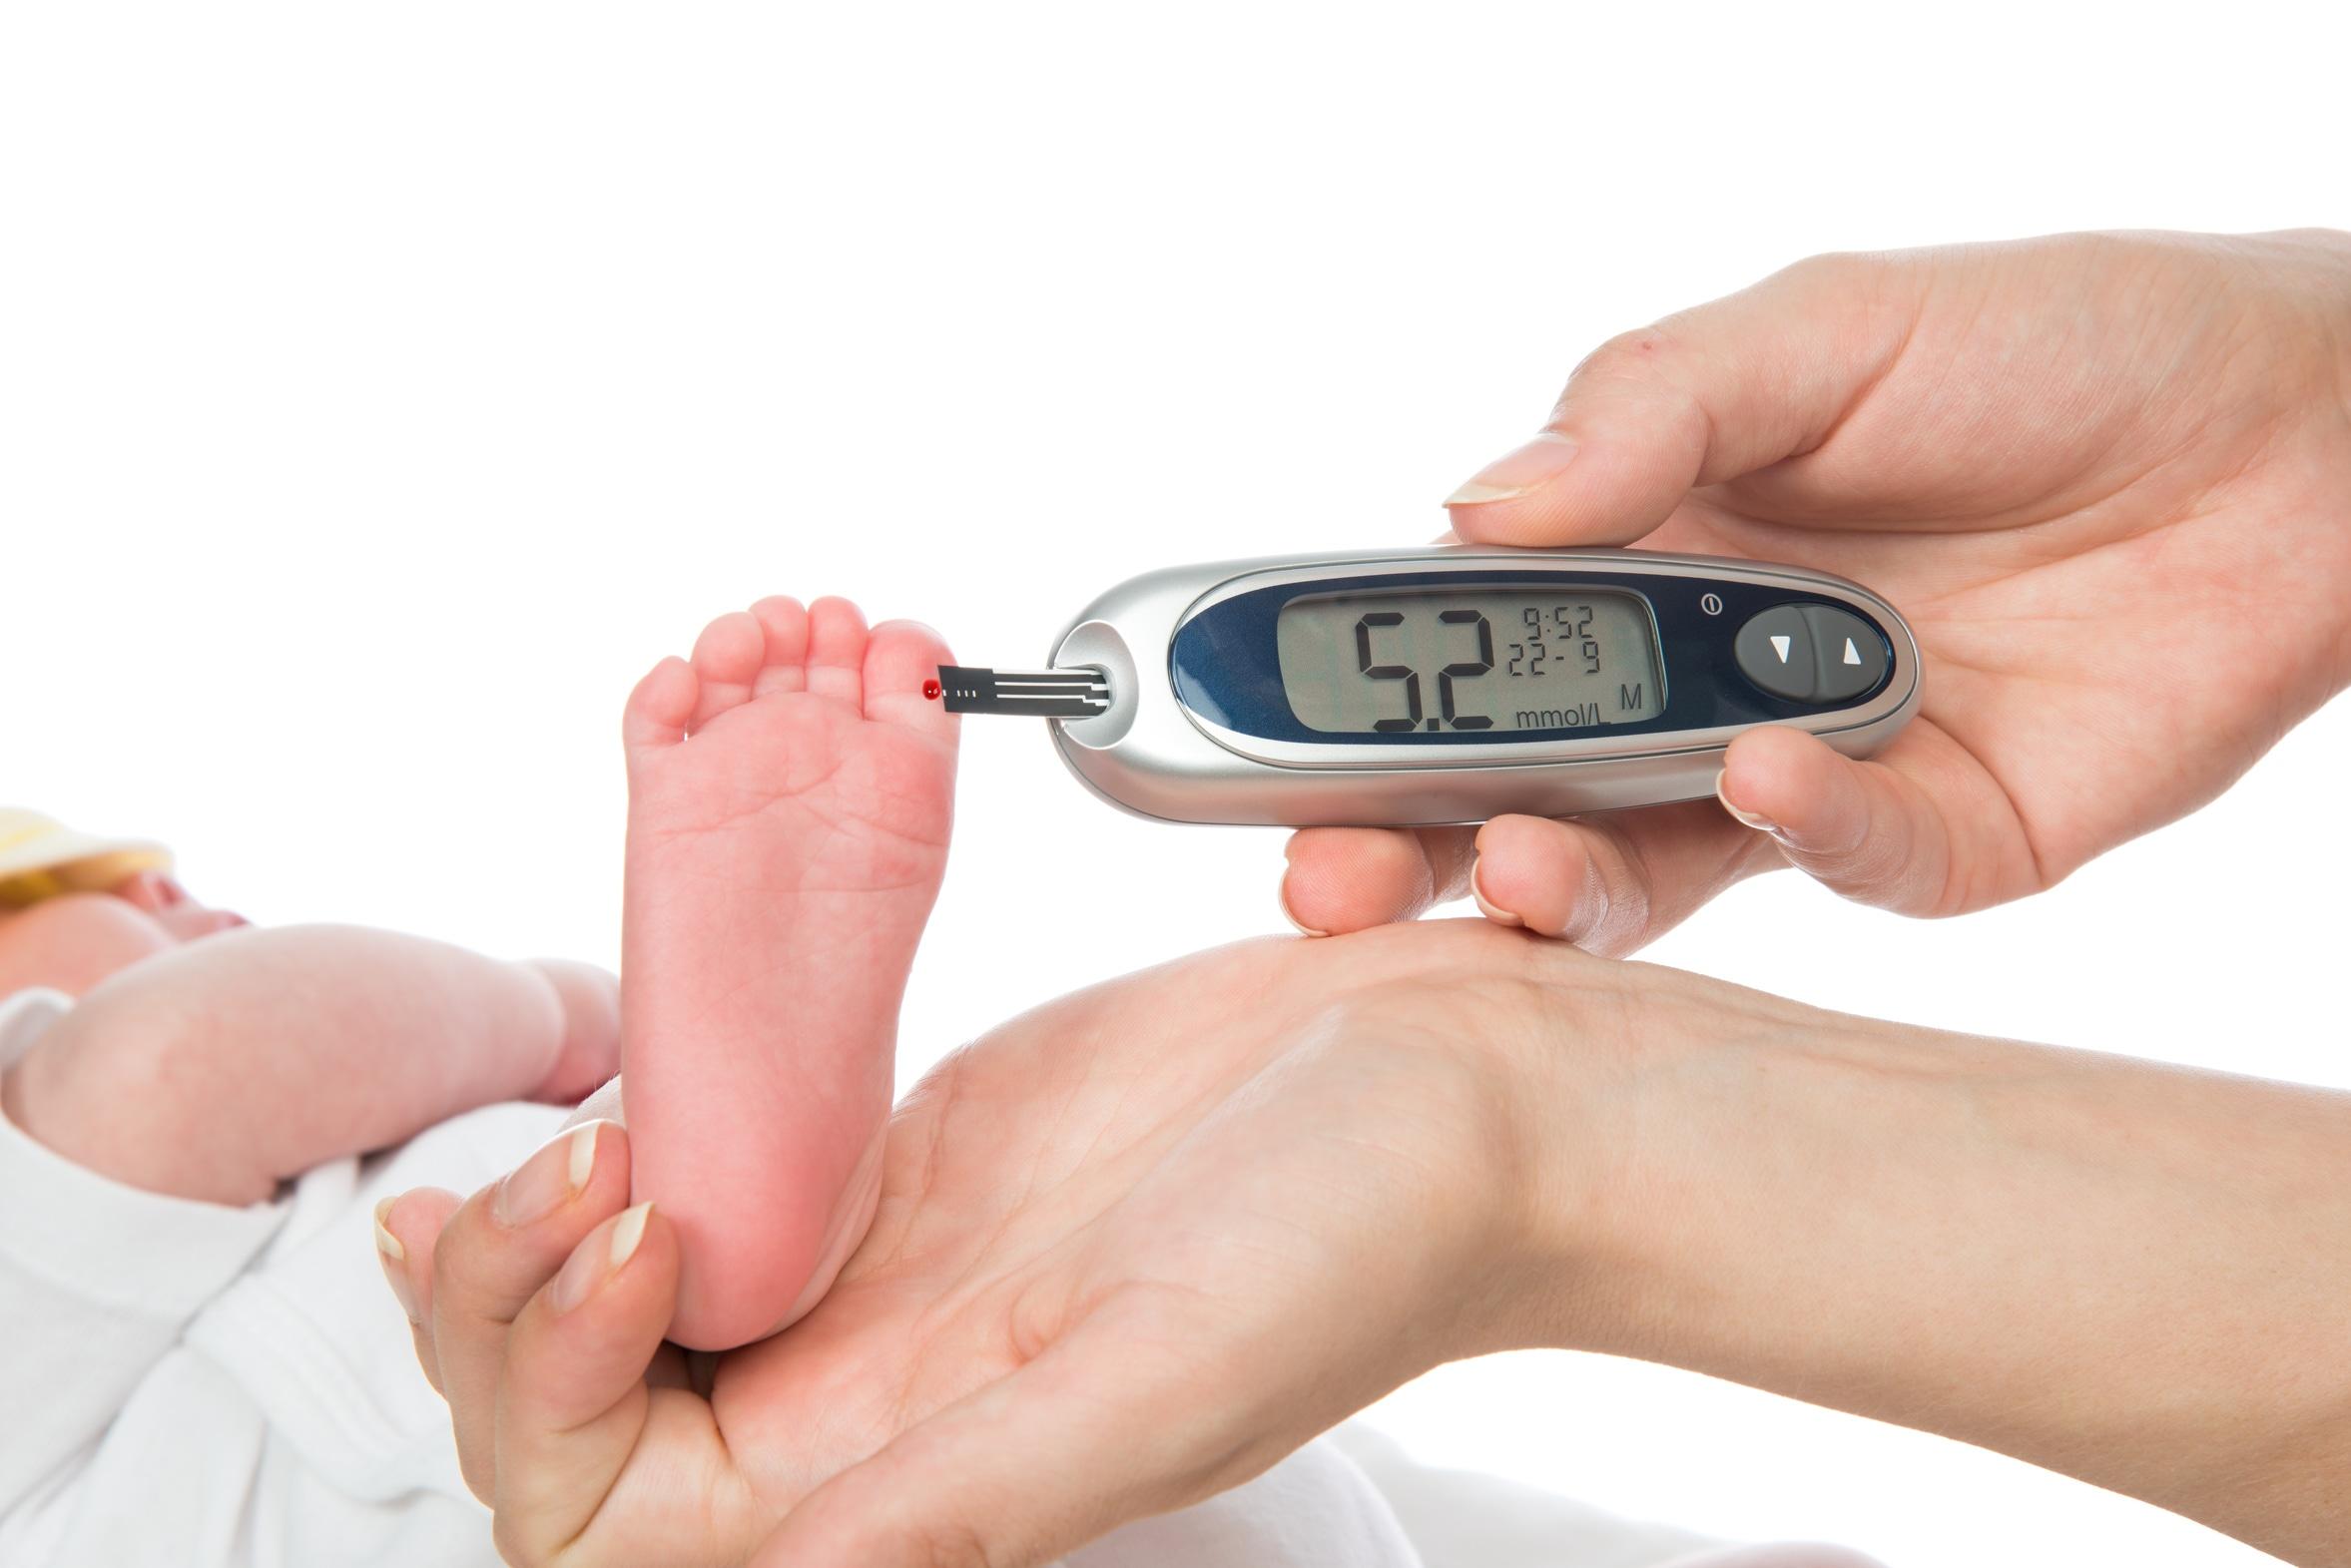 Azucar alta perdida de peso repentina